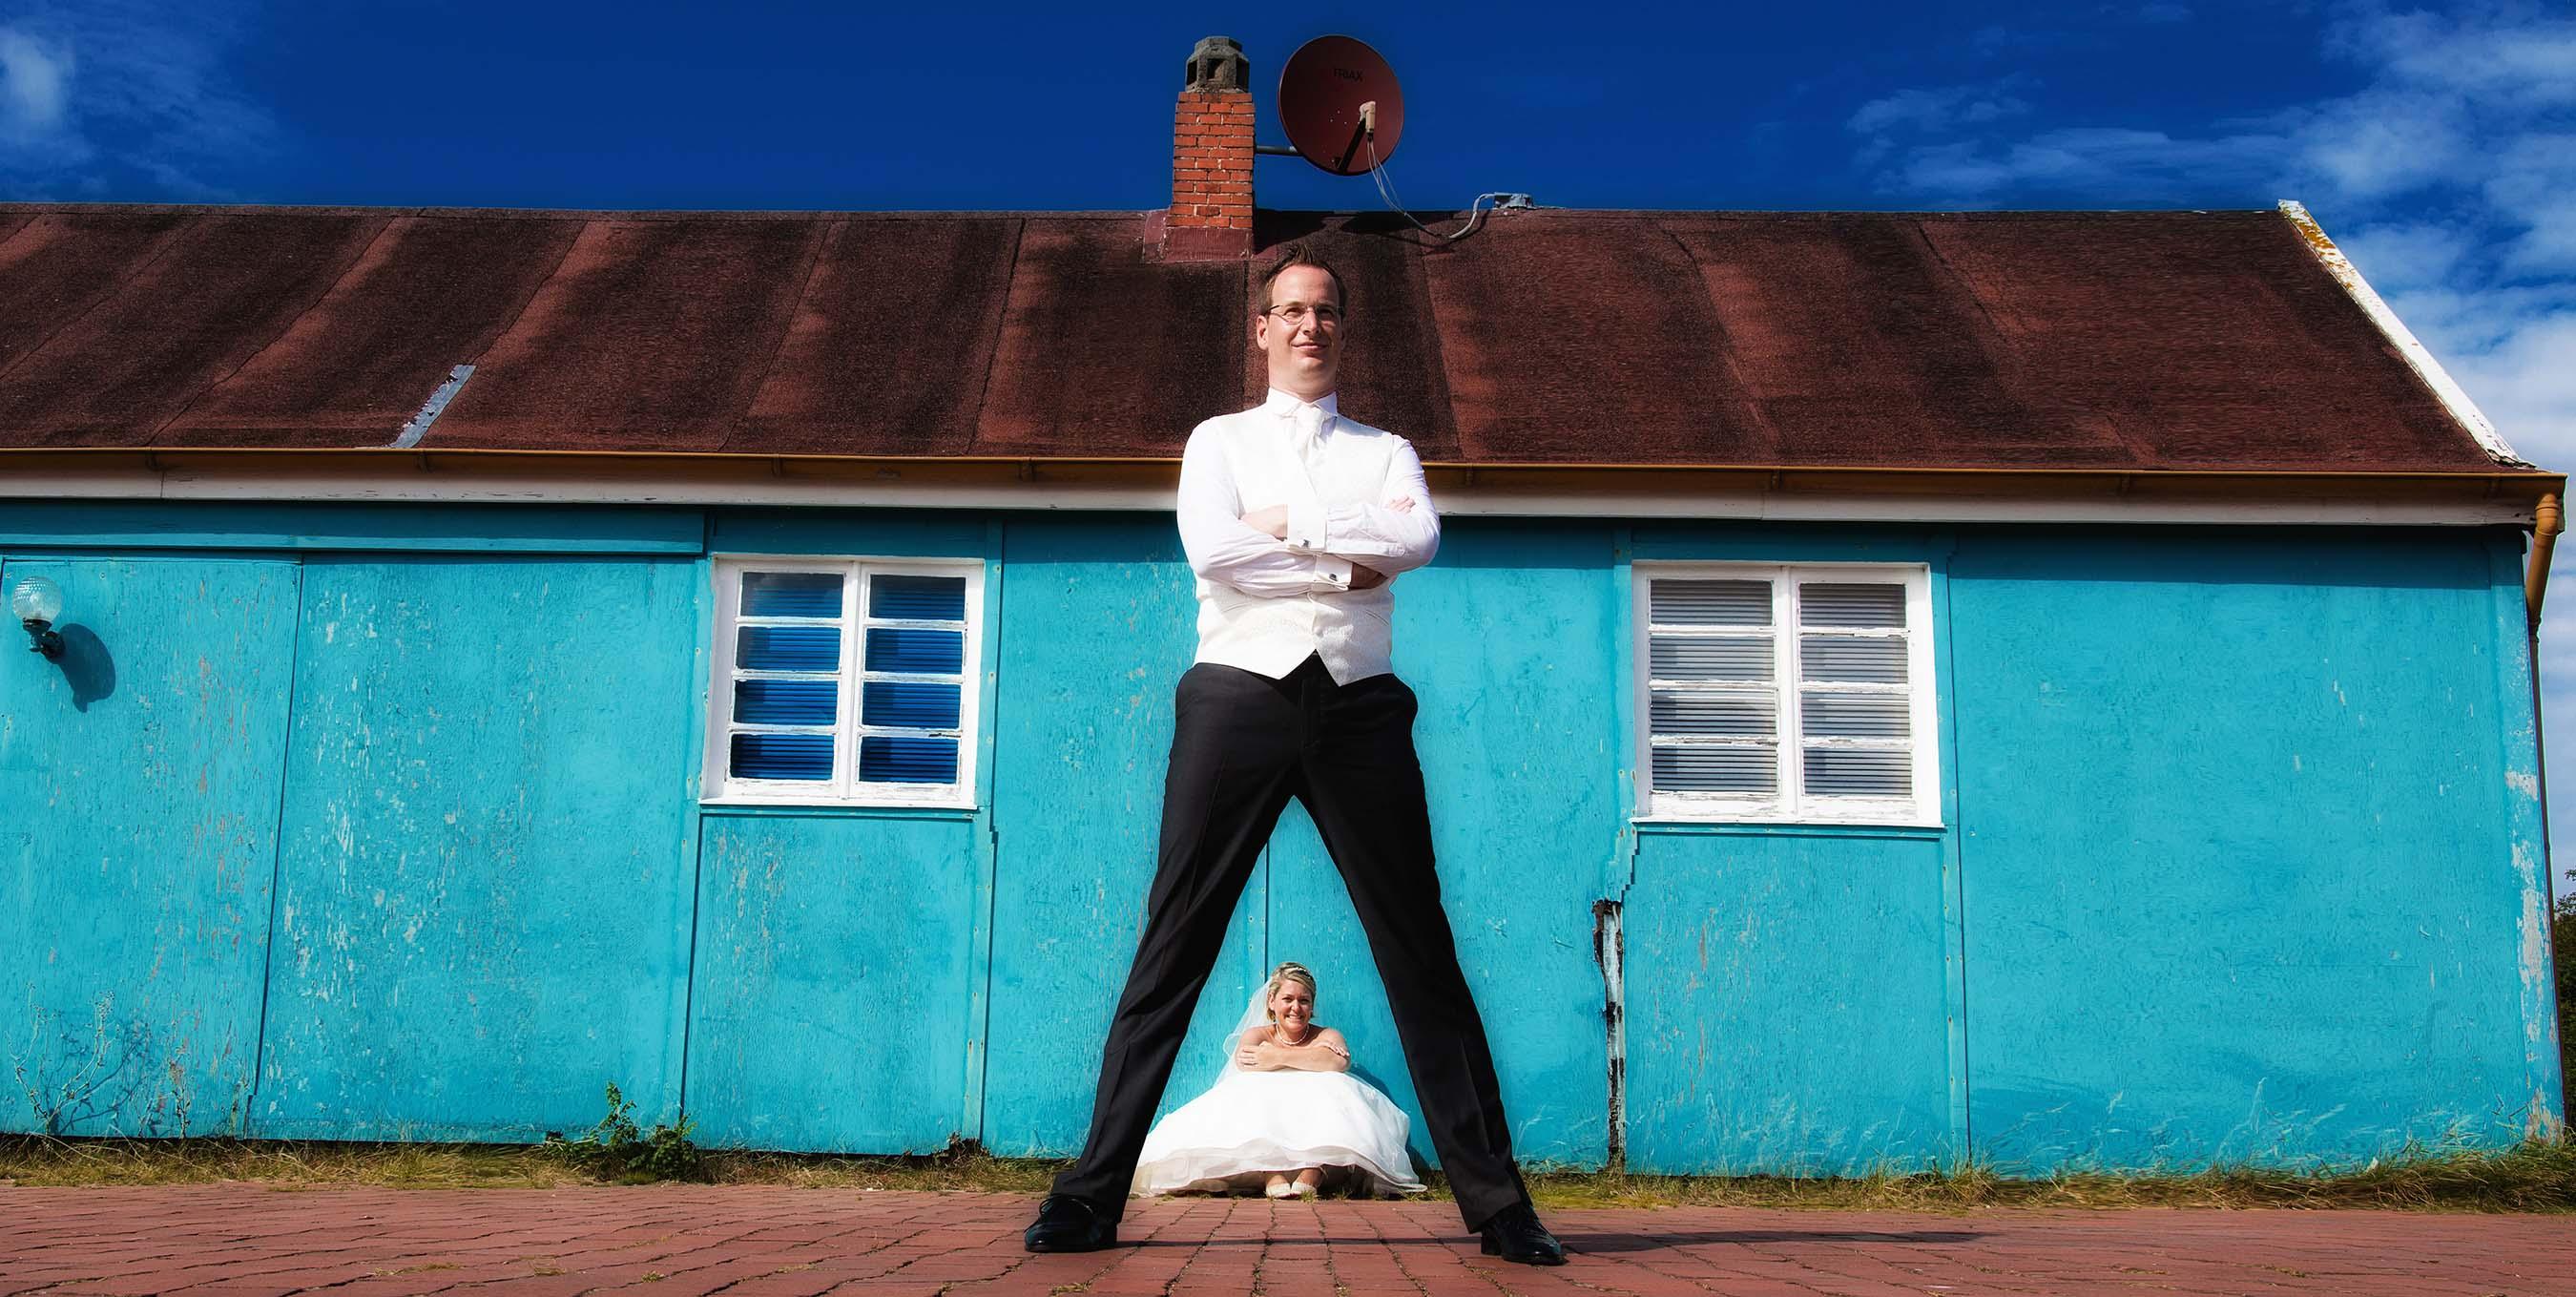 629 Hochzeitsfotograf Michael Stange Baltrum Osnabrueck